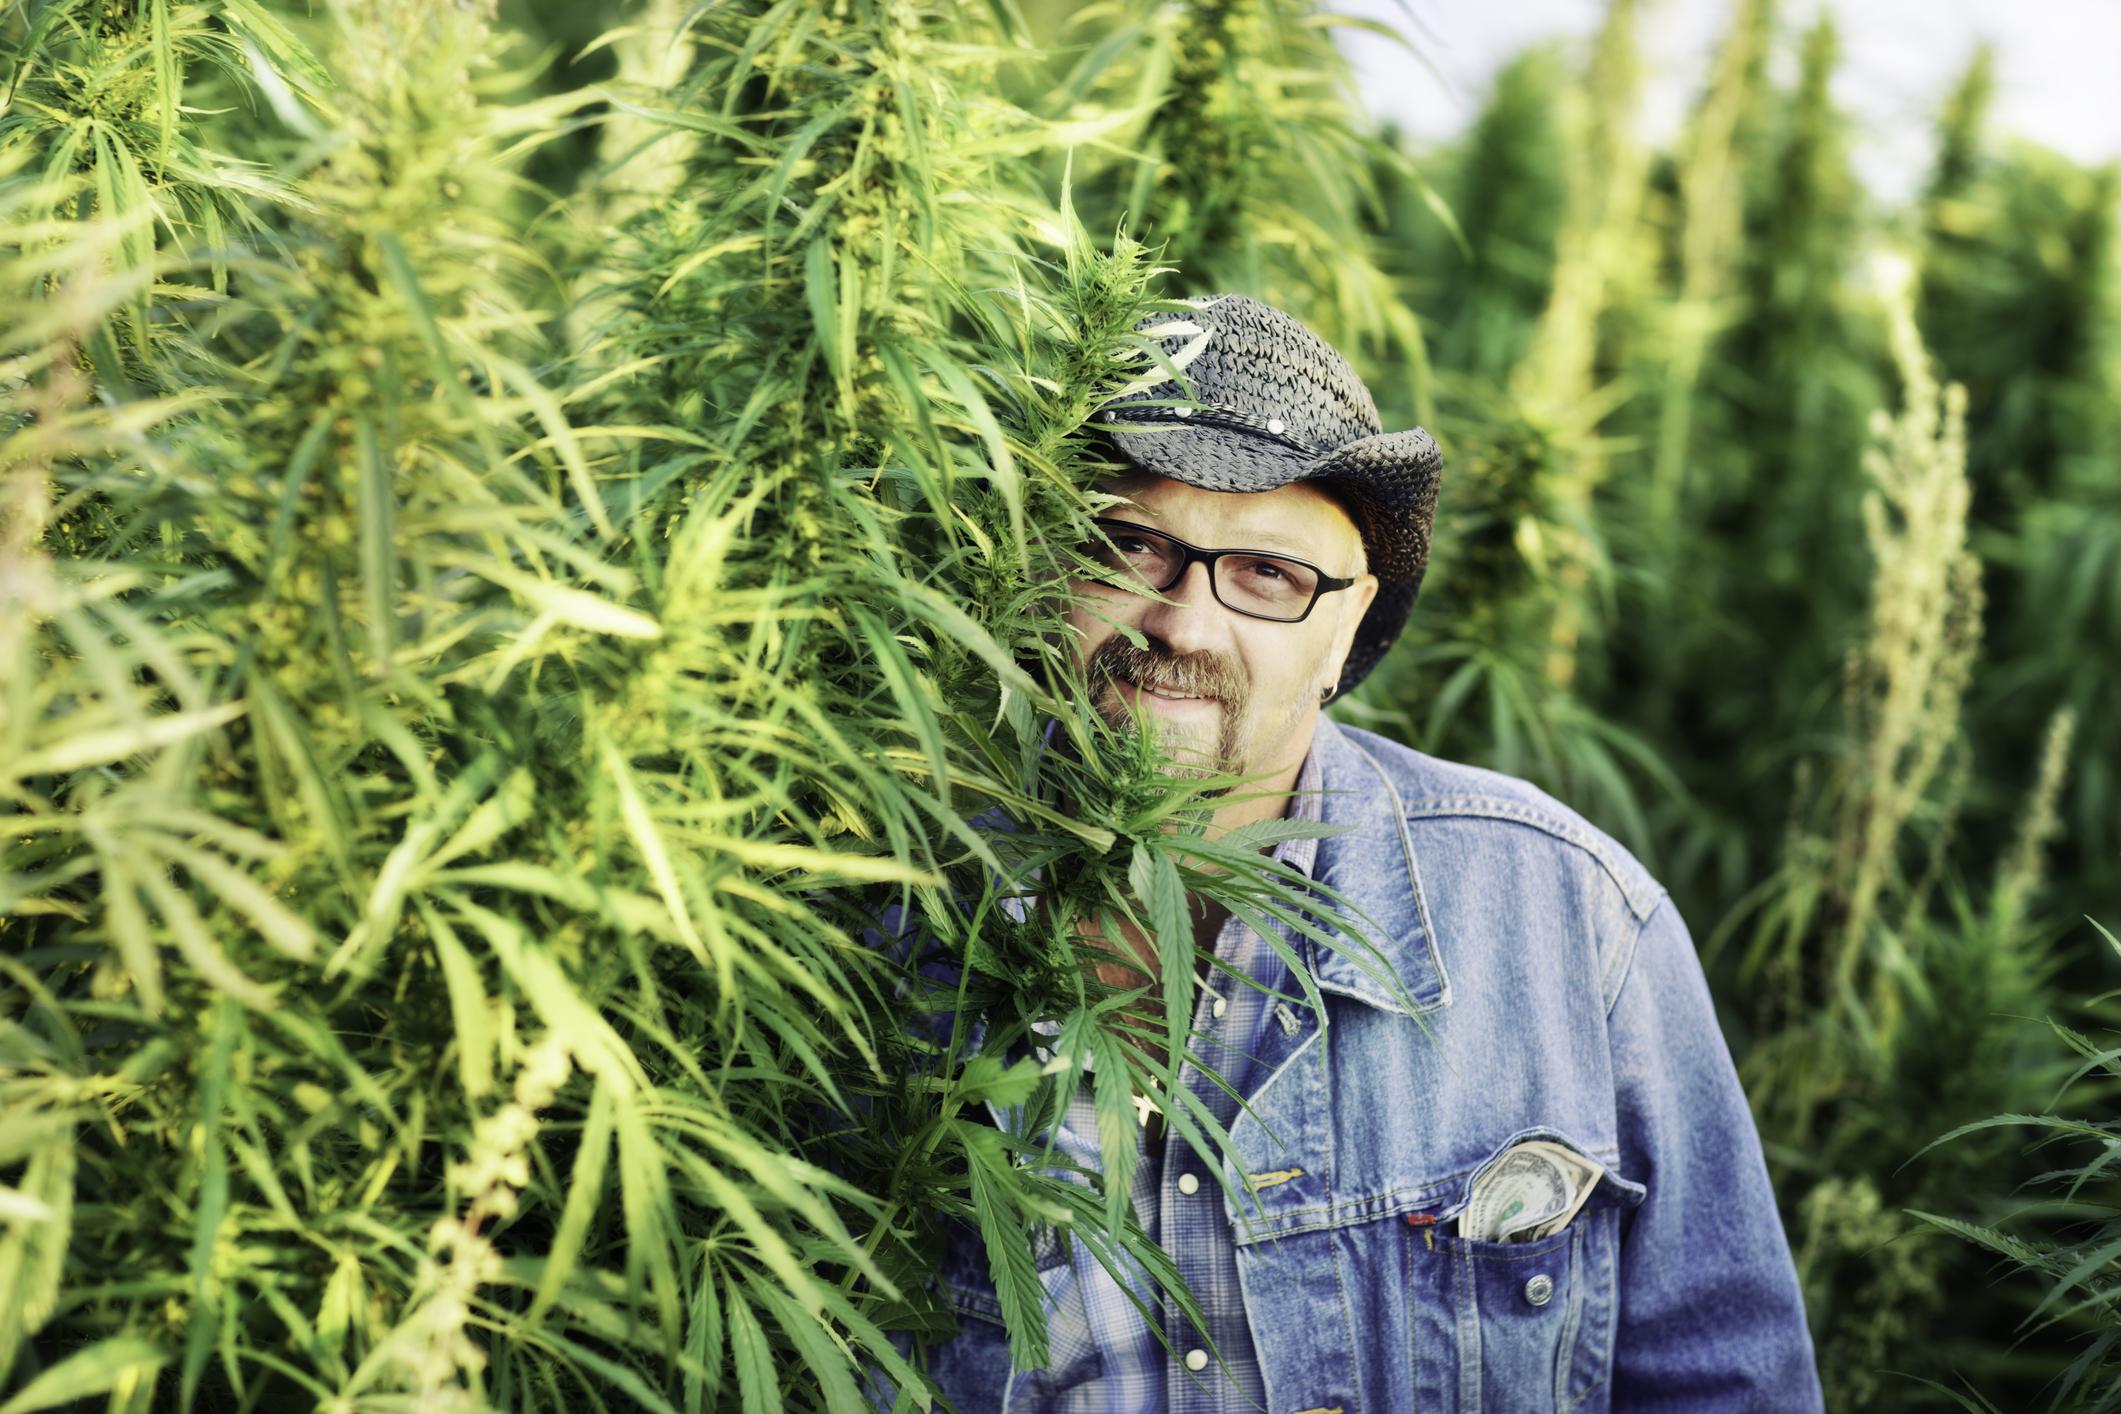 A man standing next to an outdoor crop of hemp plants.